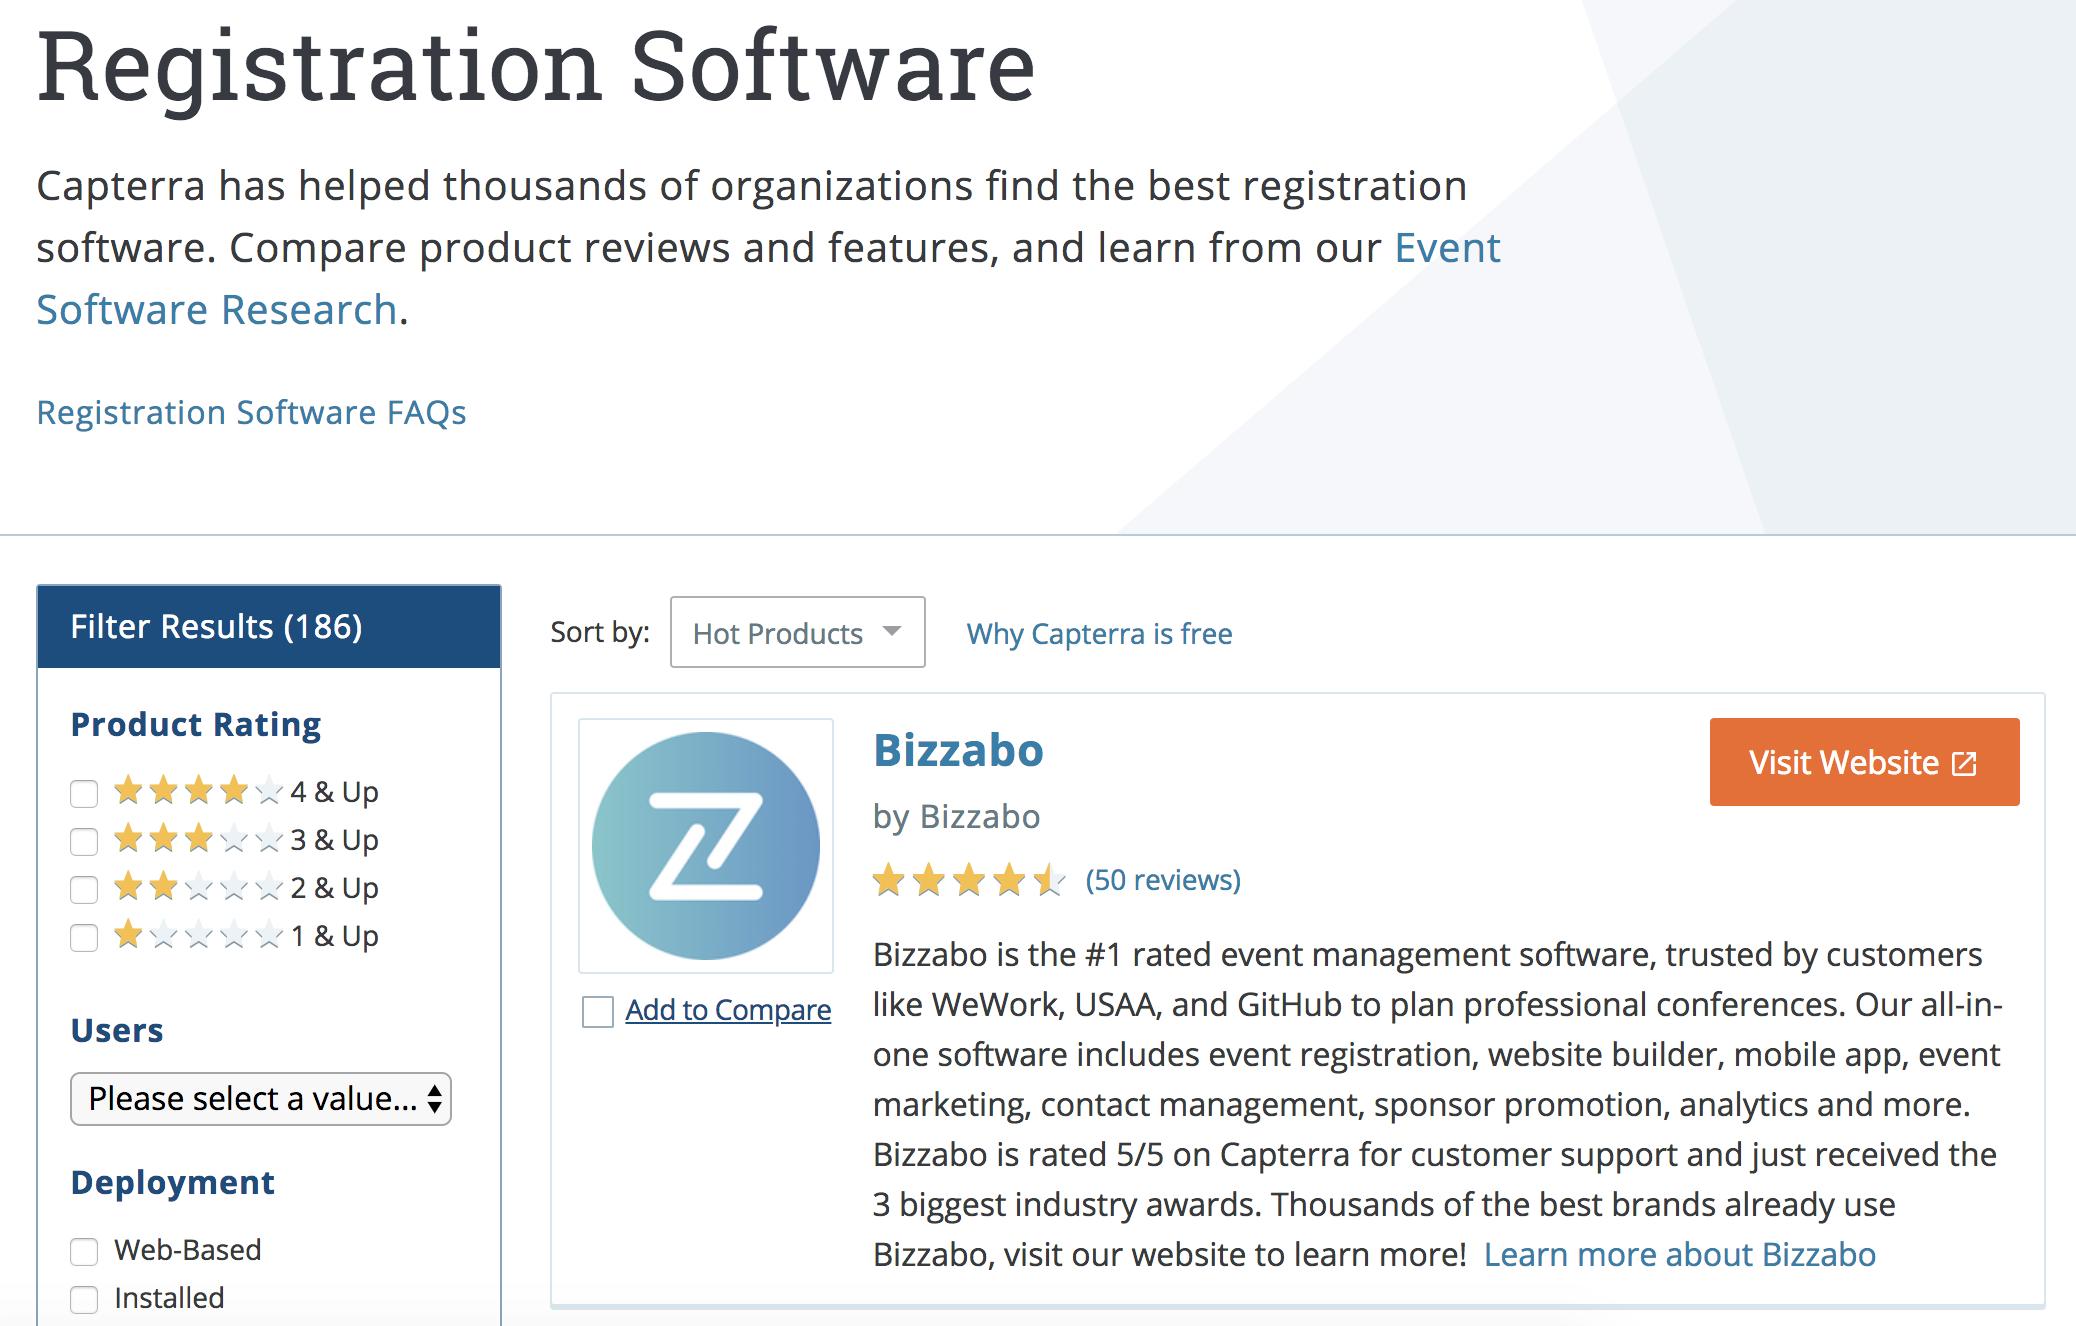 A screenshot of a Bizzabo dashboard